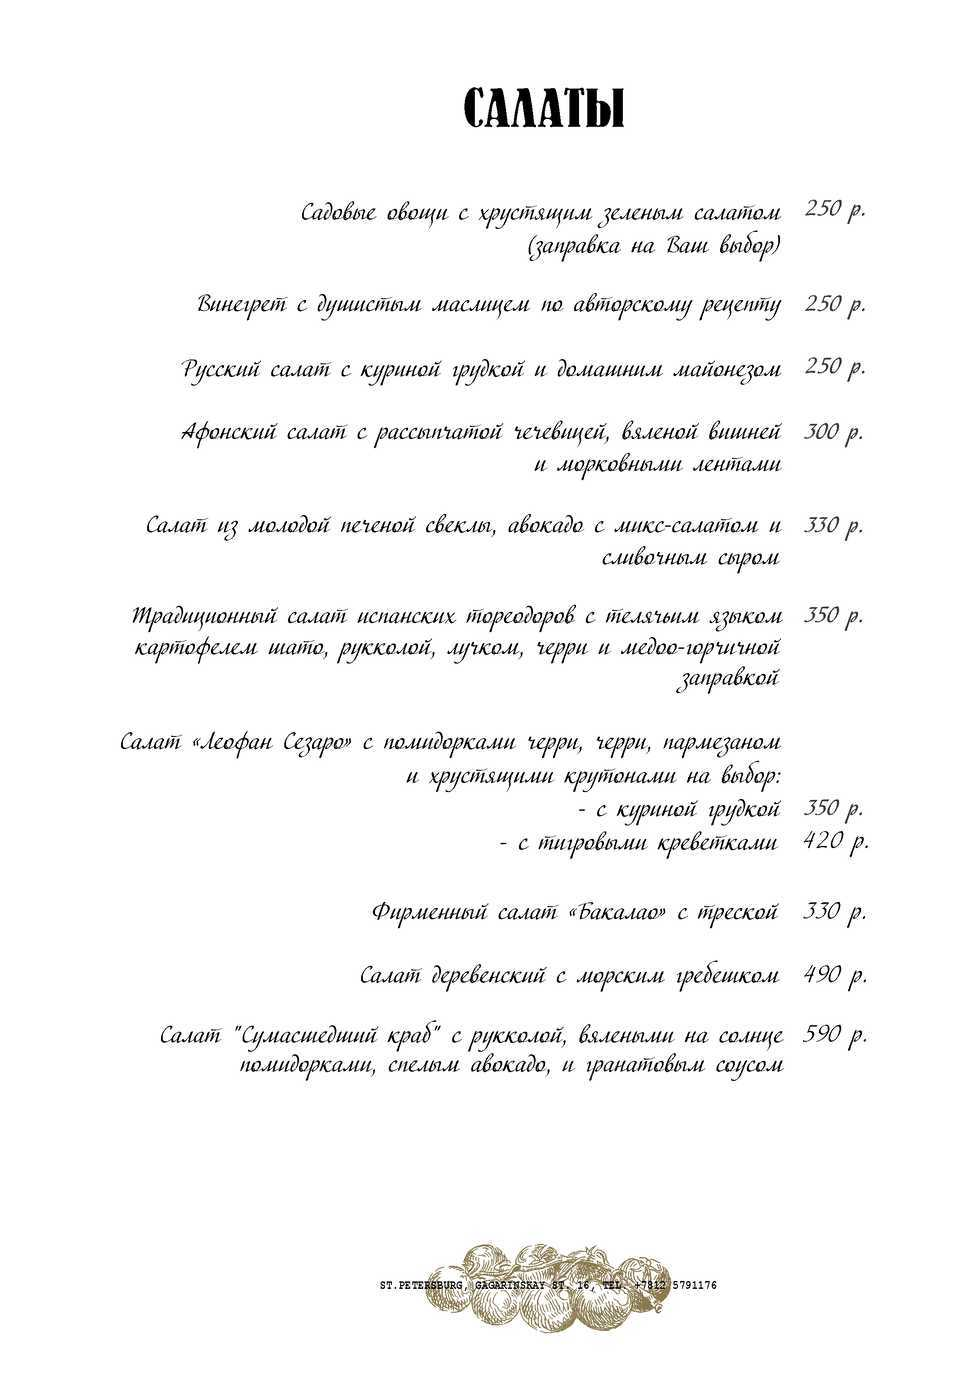 Меню бара, ресторана Хавьер (Daily Bar XAVIER) на Гагаринской улице